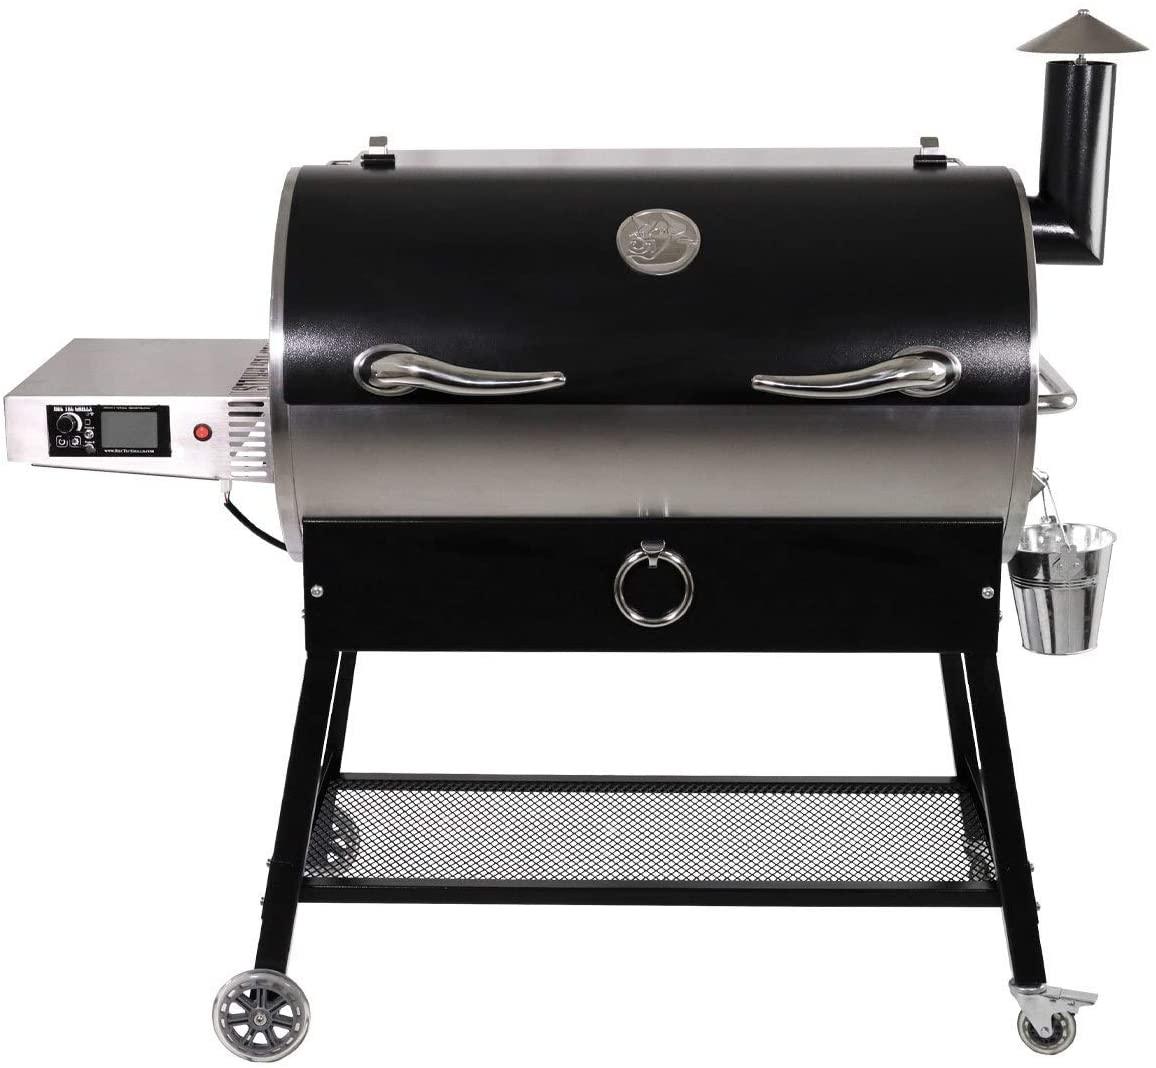 Rec Tec RT-700 Bull Pellet Smoker Grill